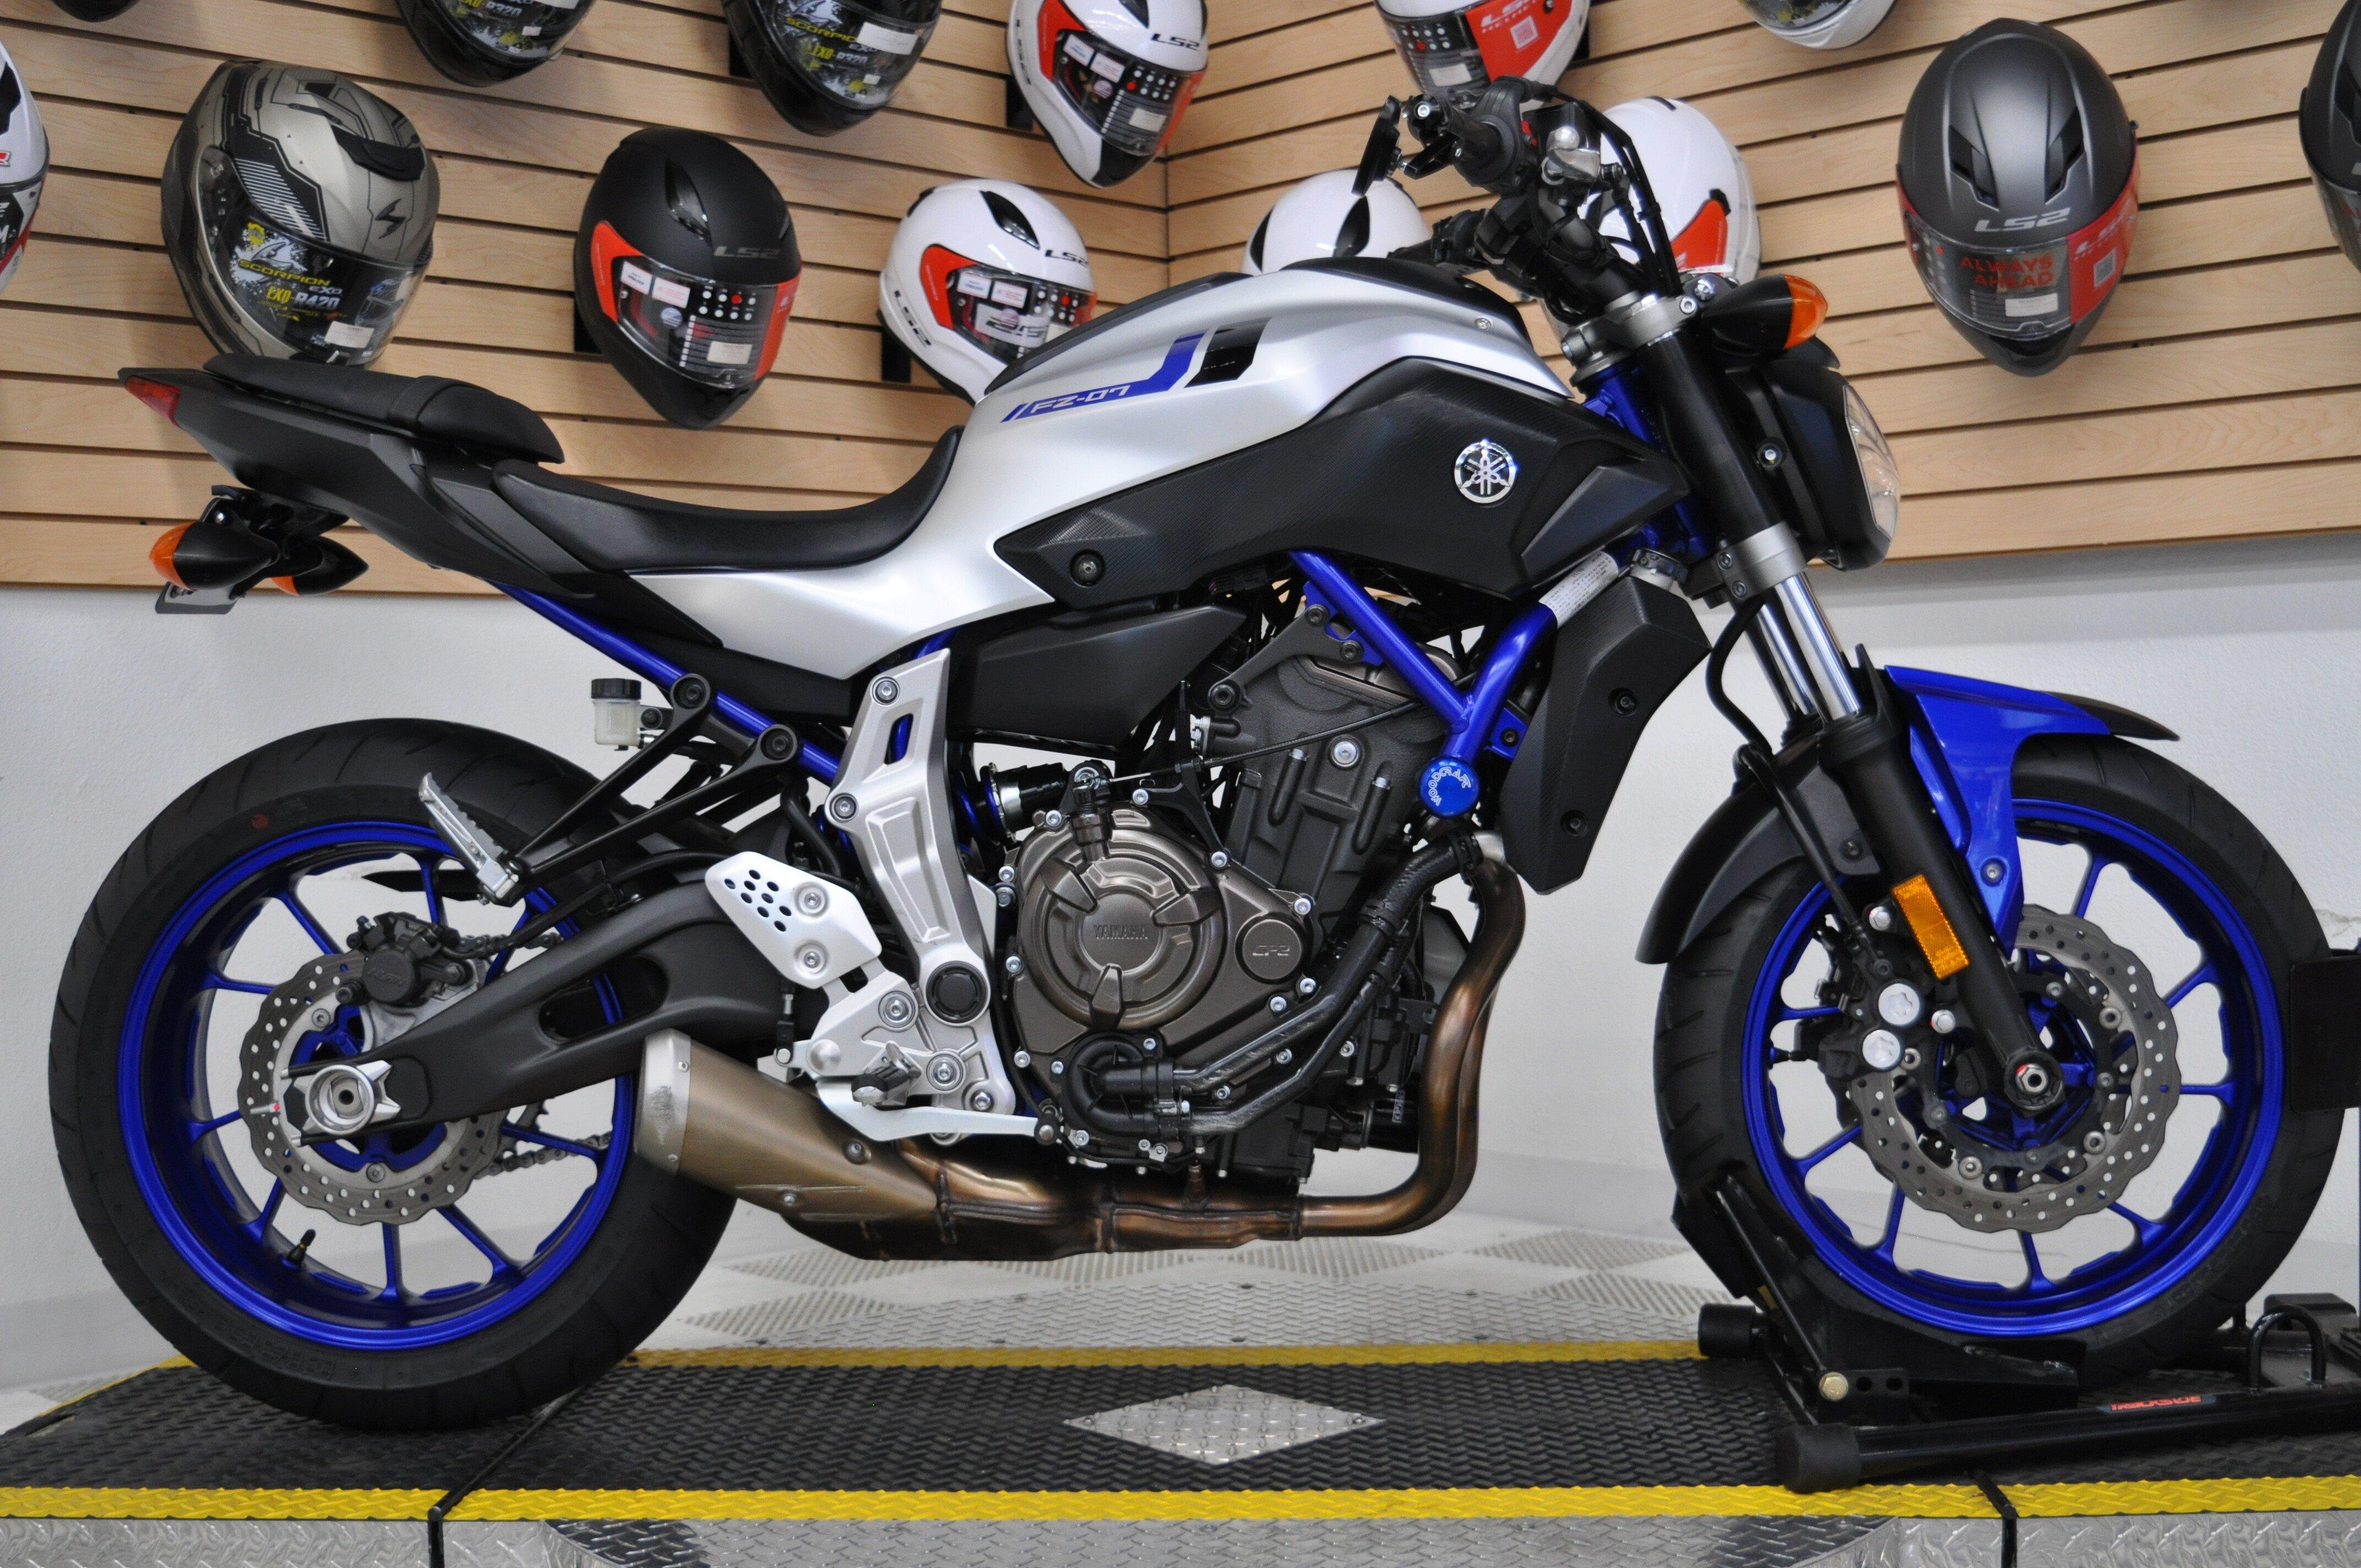 2016 Yamaha FZ-07 for sale near SEATTLE, Washington 98107